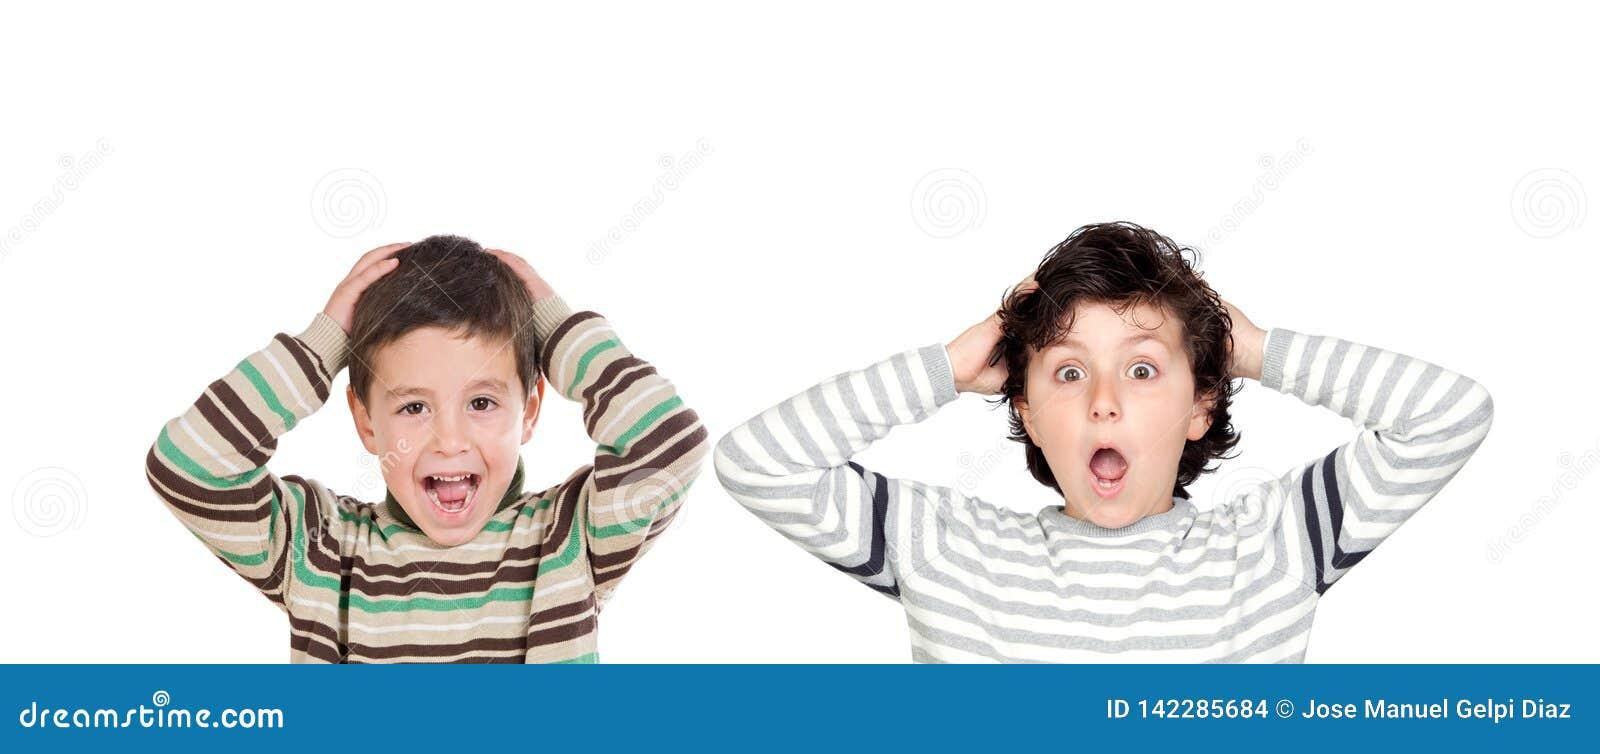 Zwei überraschte Jungen, die ihre Münder öffnen